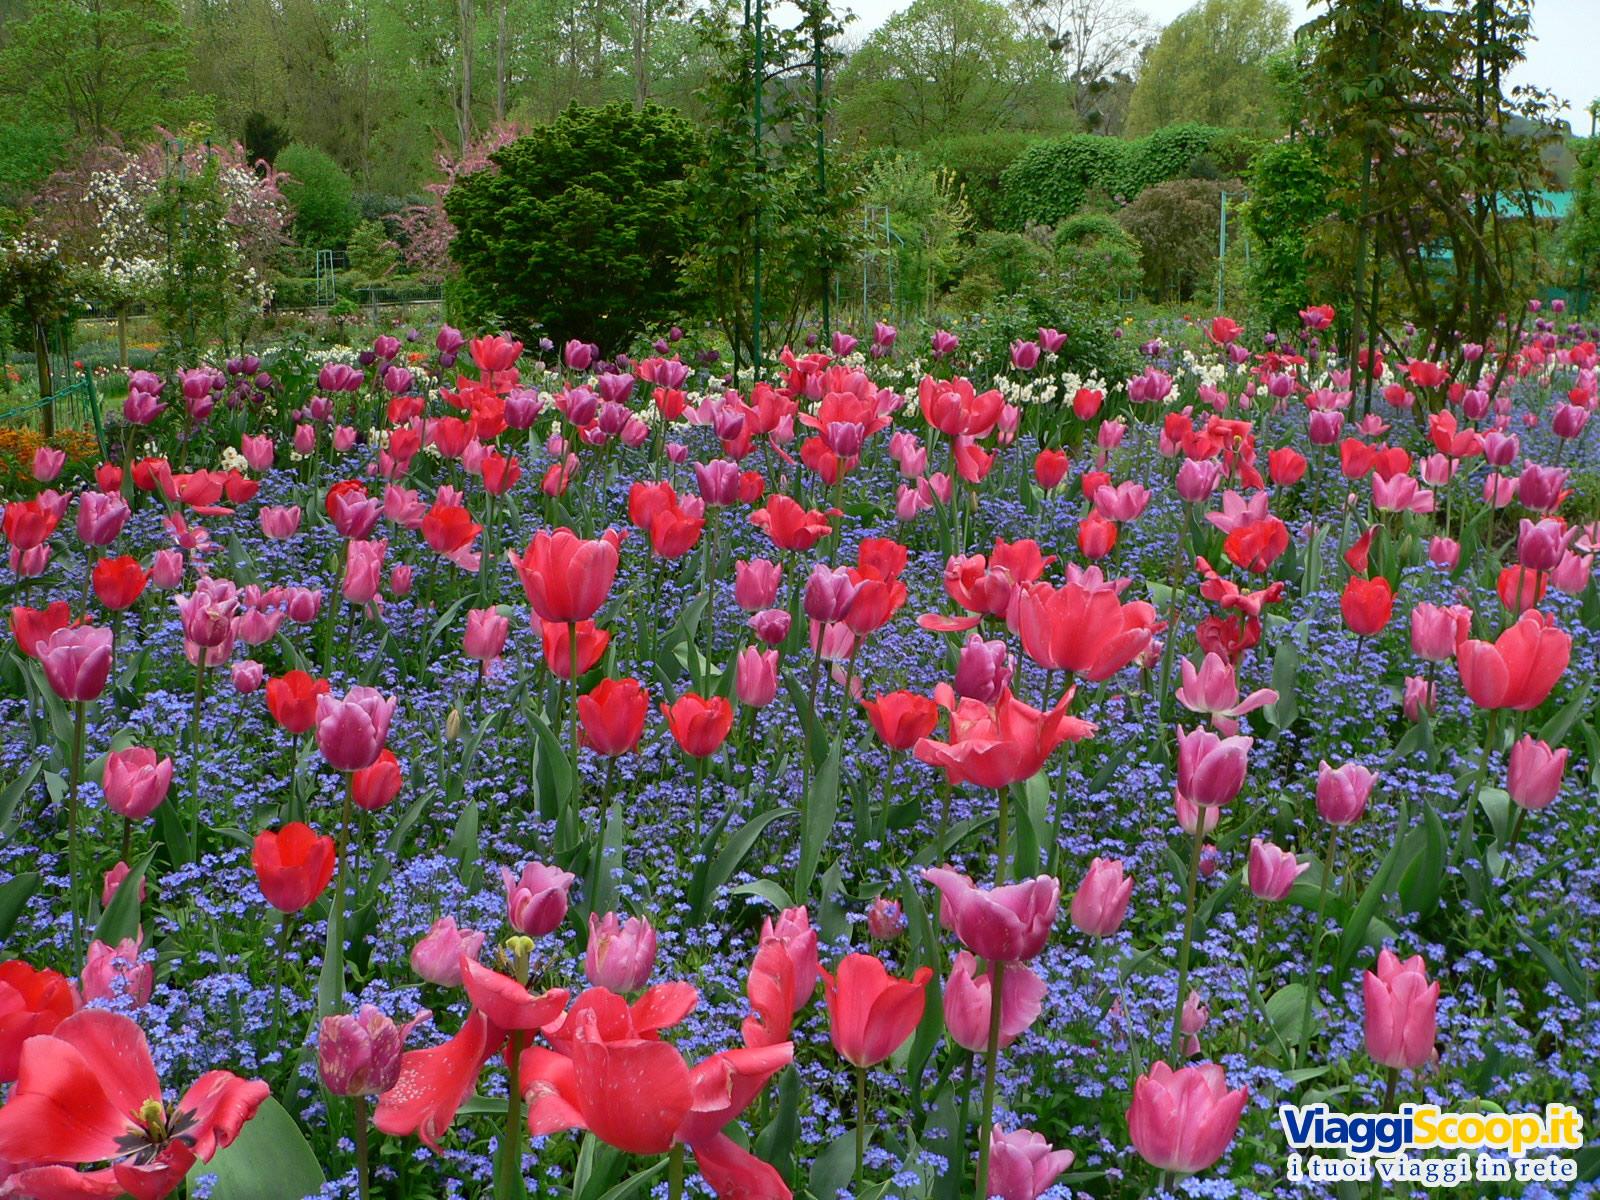 Sfondi desktop fiori floreali gli sfondi desktop pi for Immagini per desktop fiori